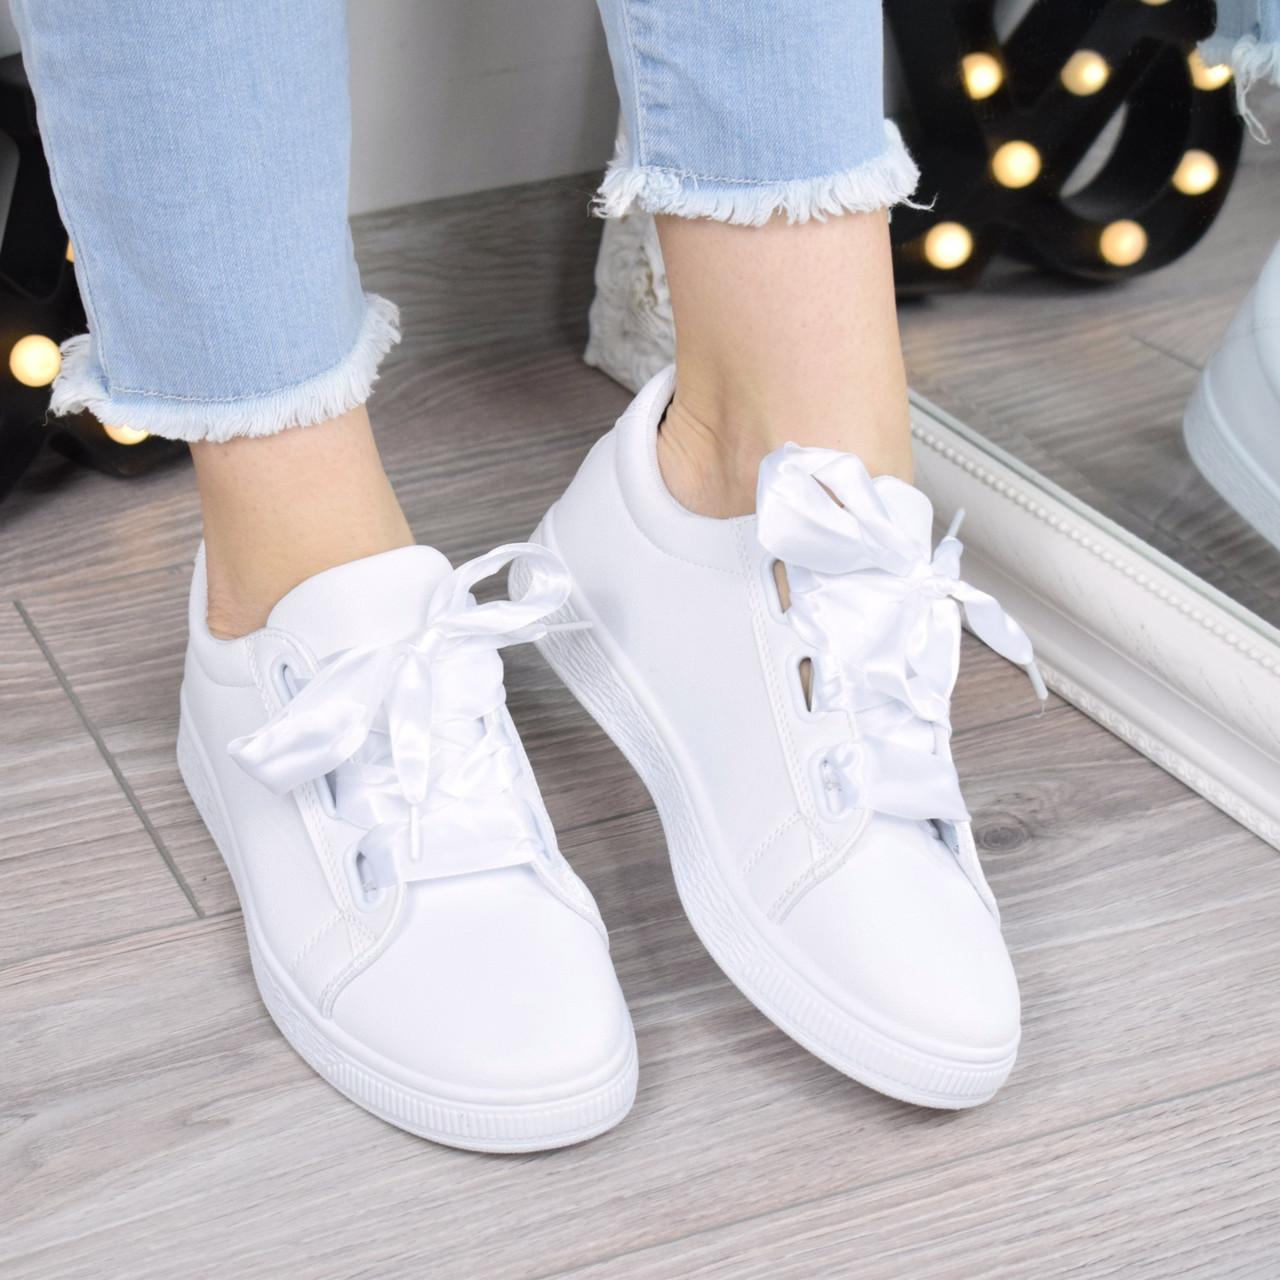 Кроссовки криперы под Puma Rihanna Suede белые 3426, спортивная обувь 73c230d3a9a